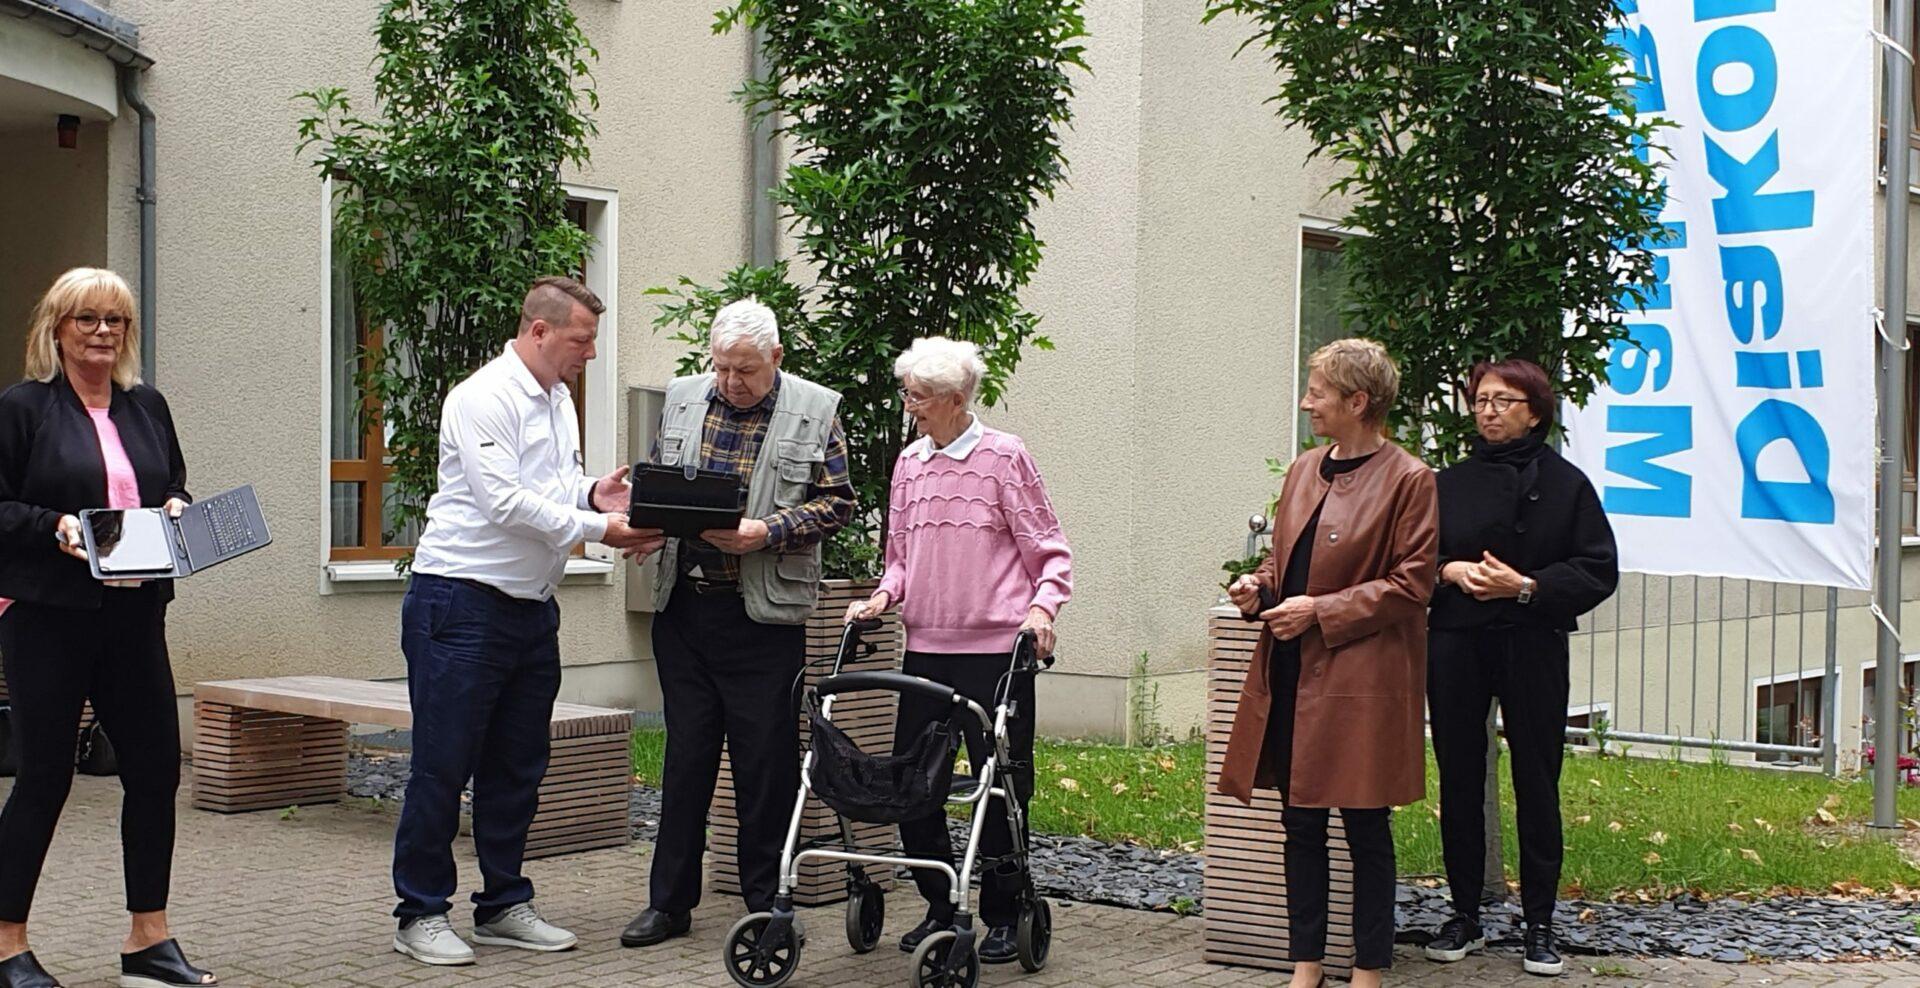 Lions Club Schwerte-Caelestia spendet dem Klara-Röhrscheidt-Haus zwei Tablets